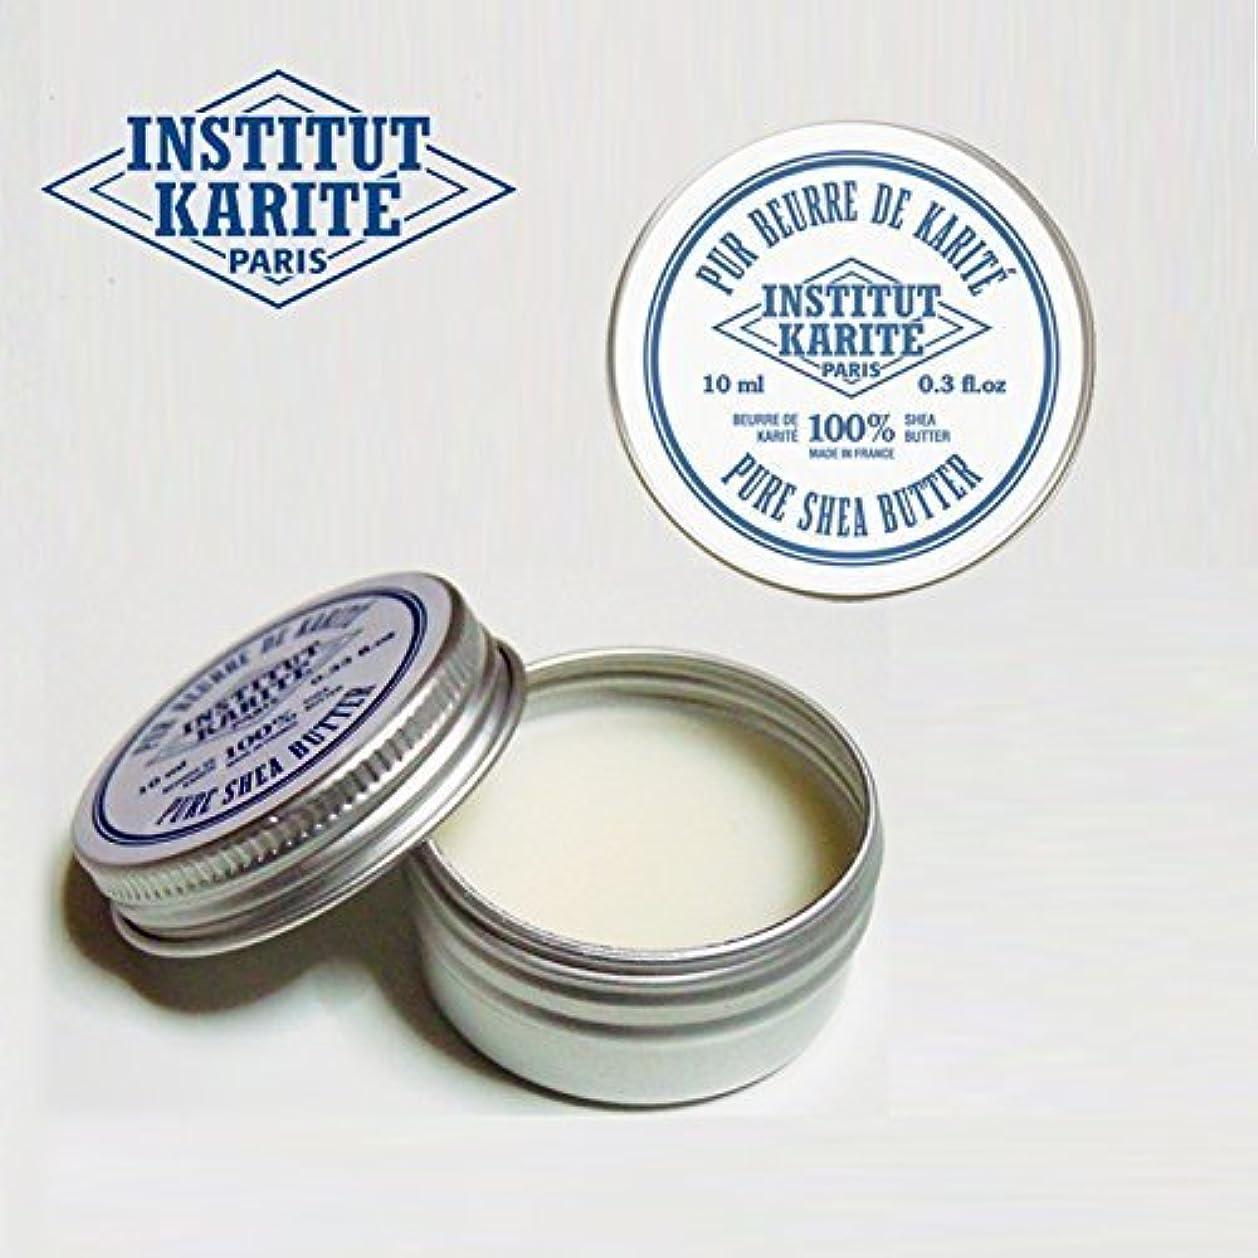 不要アレキサンダーグラハムベル公使館シアバター オーガニック 100%ピュアなシアバター 【 INSTITUT KARITE】 INSTITUT KARITE 100%Pure Shea Butter 肌にやさしい天然の保湿成分です。携帯に便利な10ml 【無香料】 2個セット